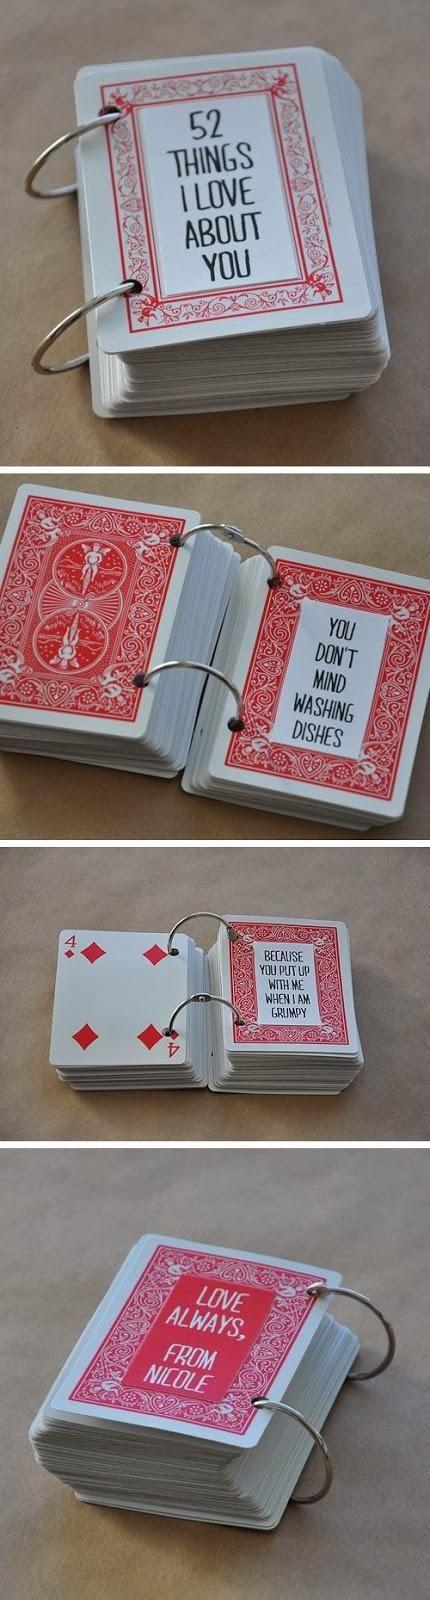 Mazzo di carte con messaggi romantici per San Valentino - fonte Pinterest